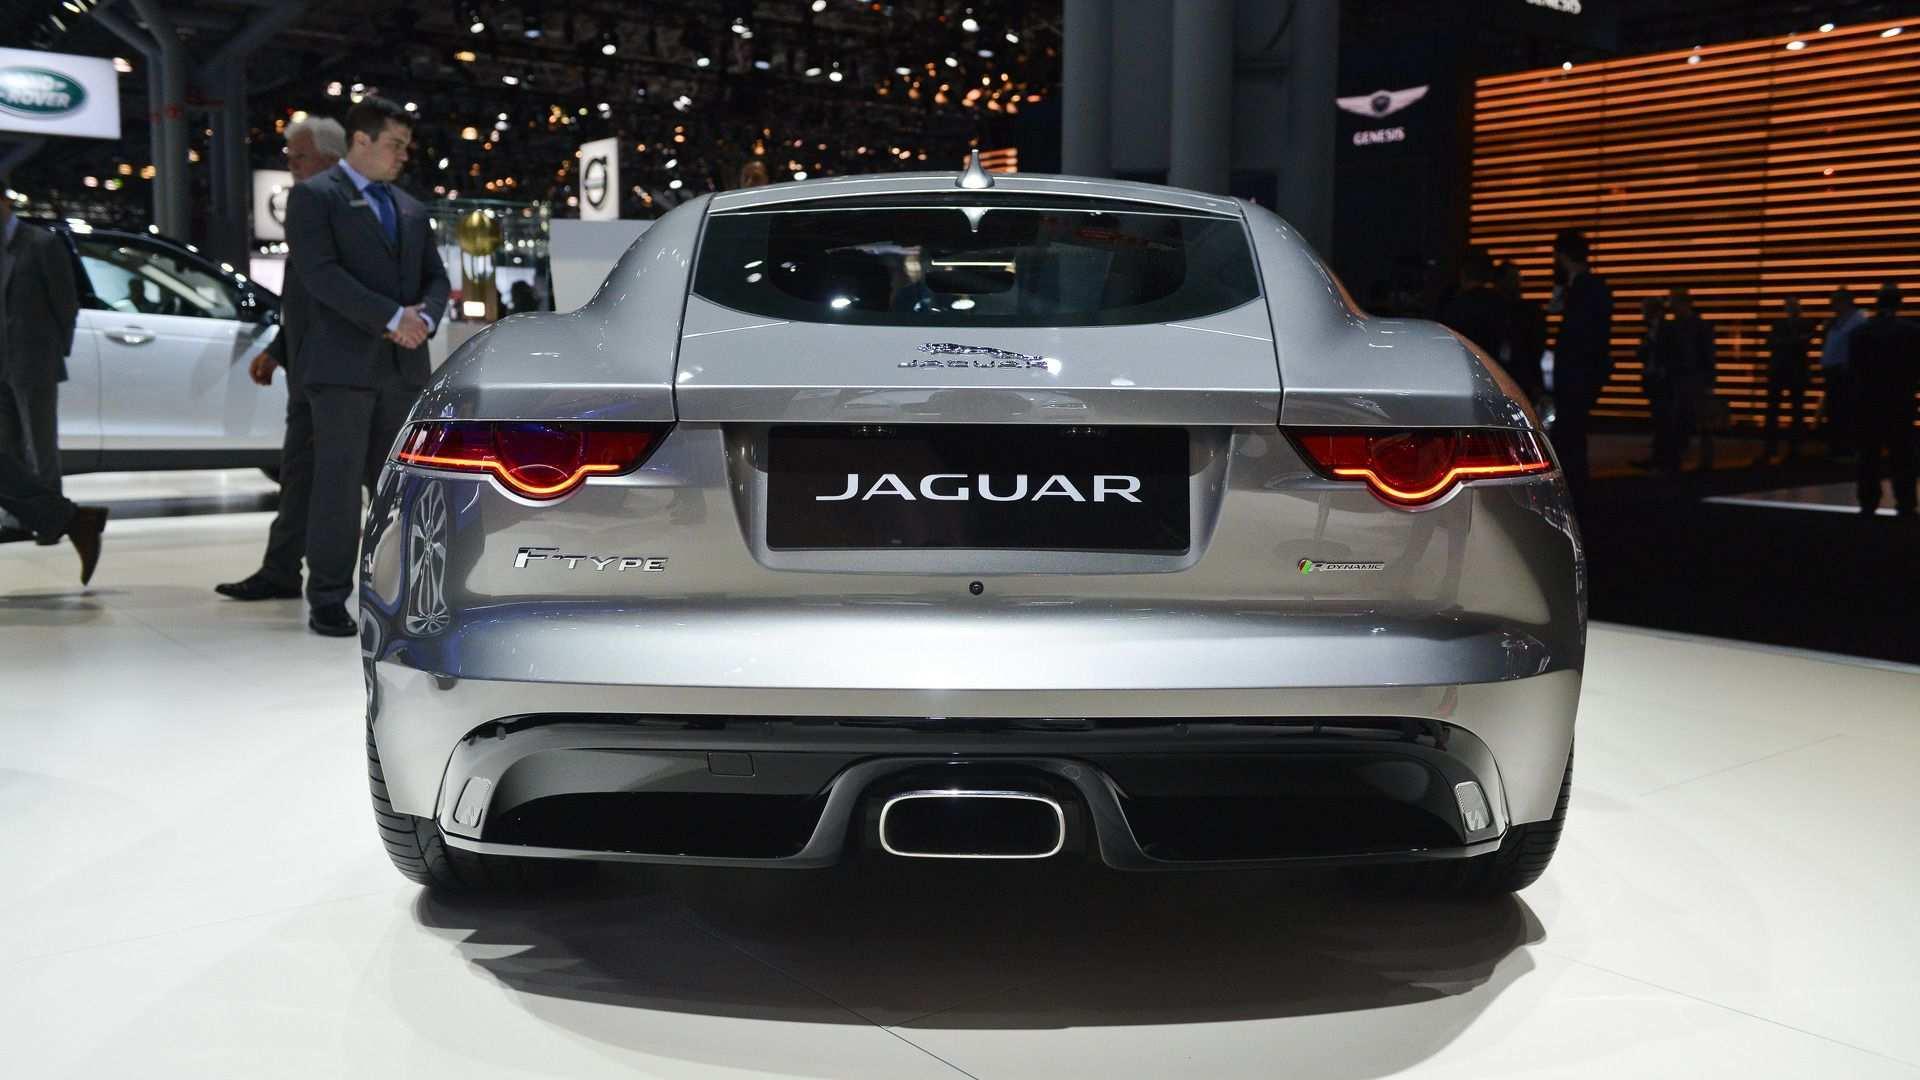 71 Concept of Jaguar Coupe 2020 Engine for Jaguar Coupe 2020